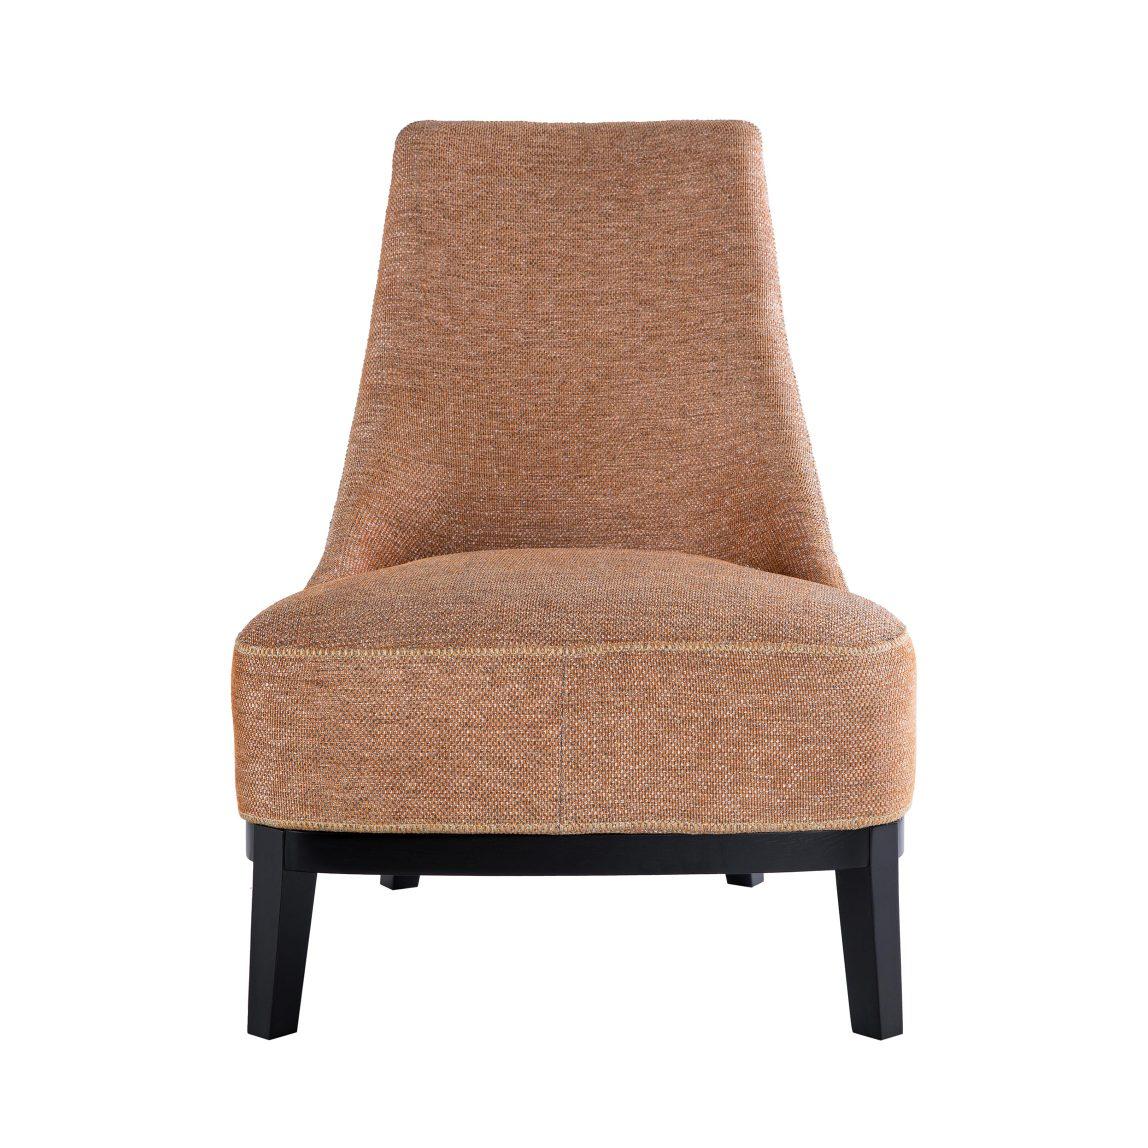 Красивая дорогая мебель, дизайнерское кресло с тканевой обивкой рыжего (оранжевого) цвета, реплика (копия) бэйкер, baker, giorgetti, джиорджетти